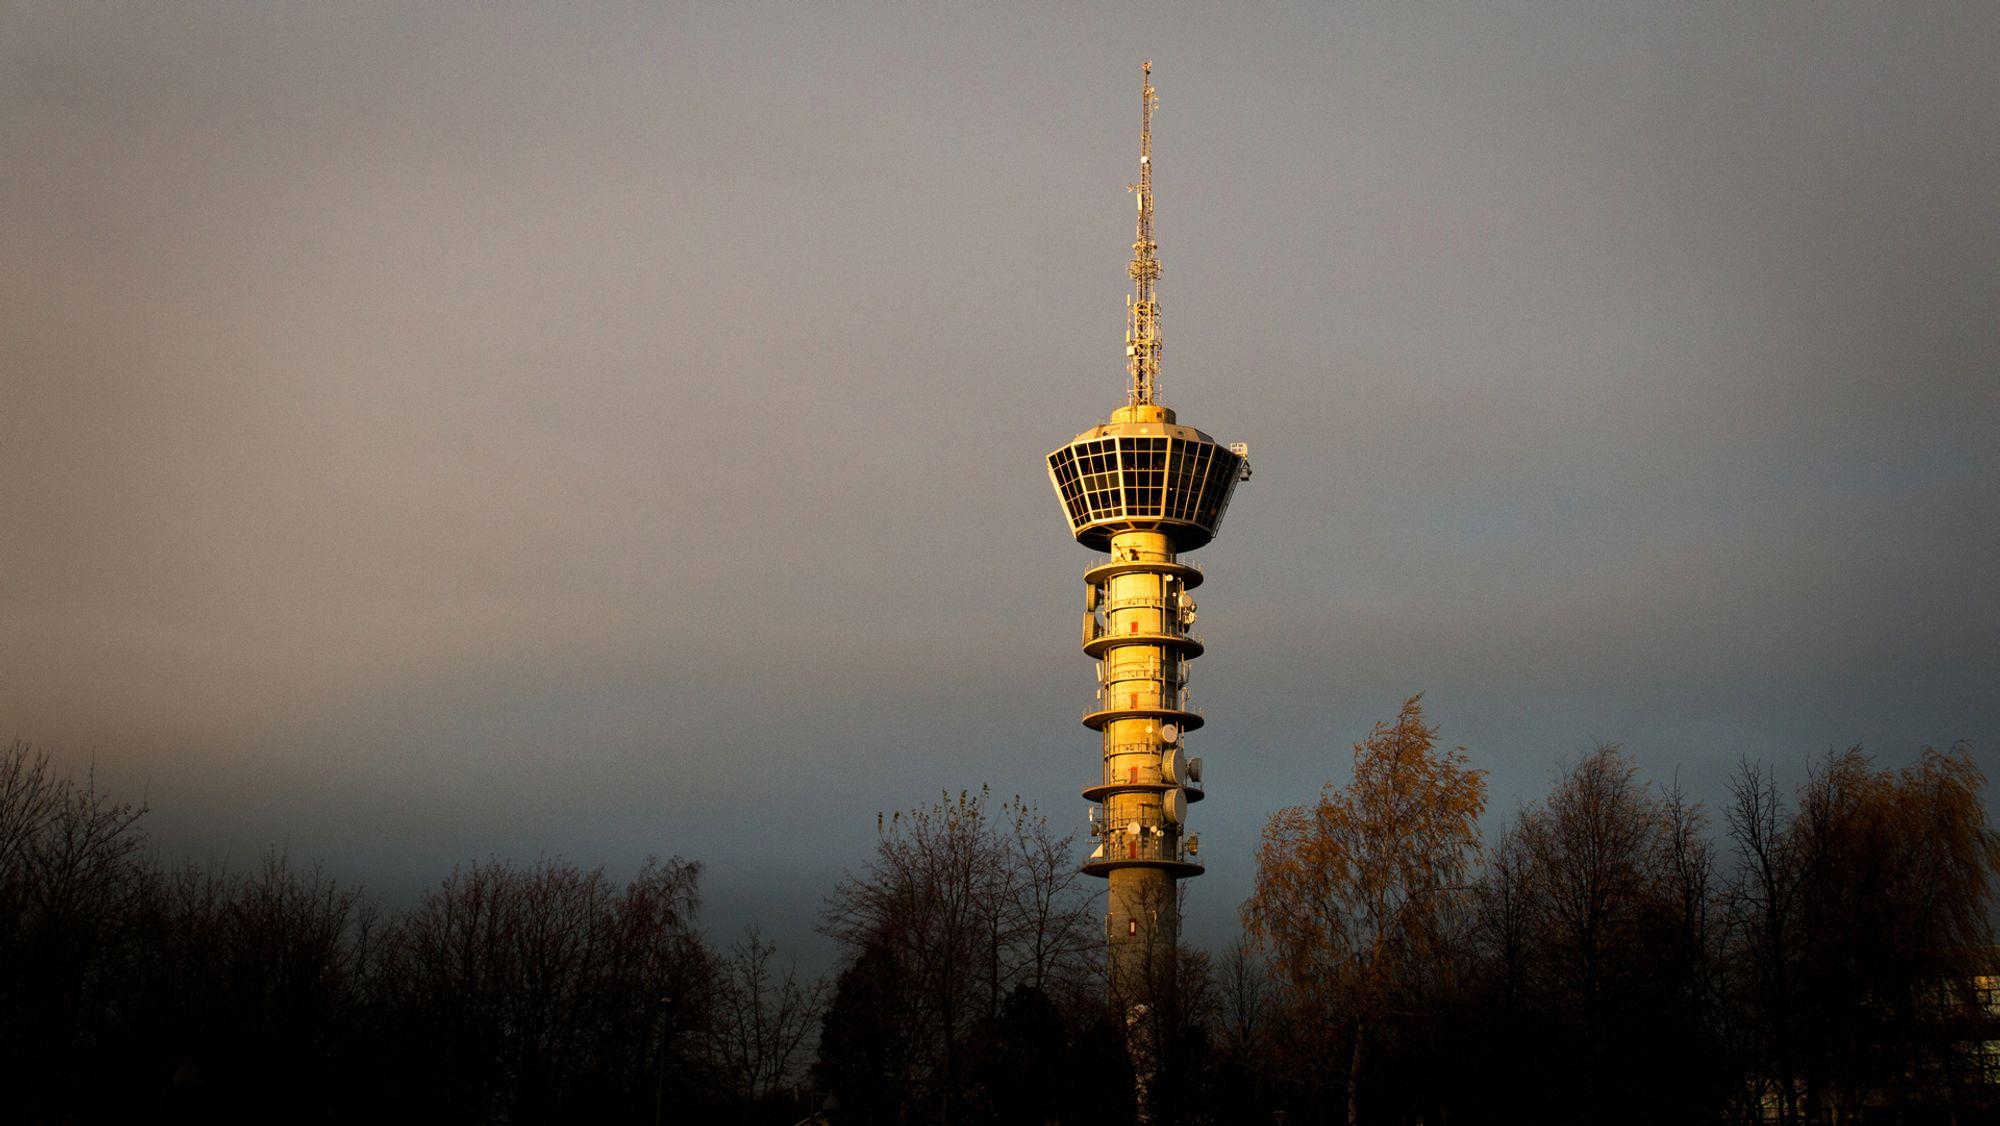 Radiotårn oslo